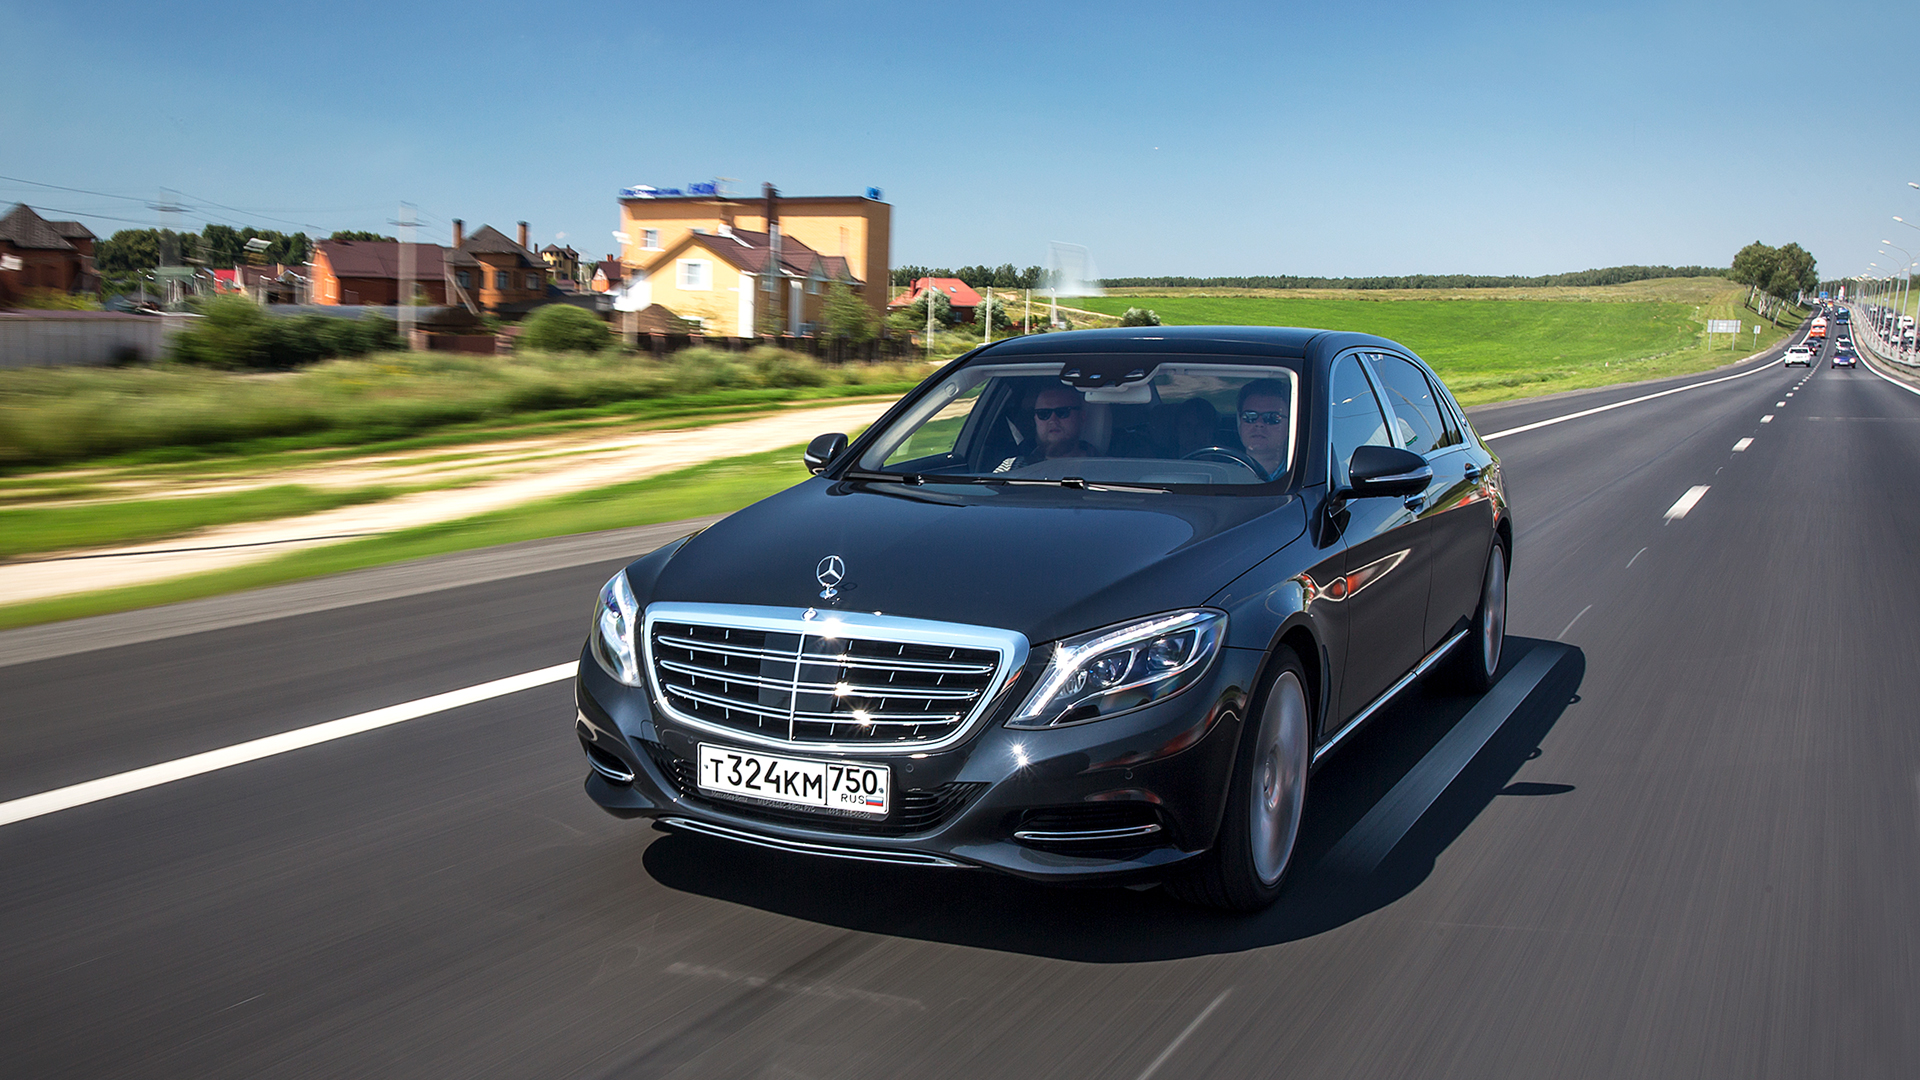 Три дня в роли наемного водителя Mercedes-Maybach. Фото 1